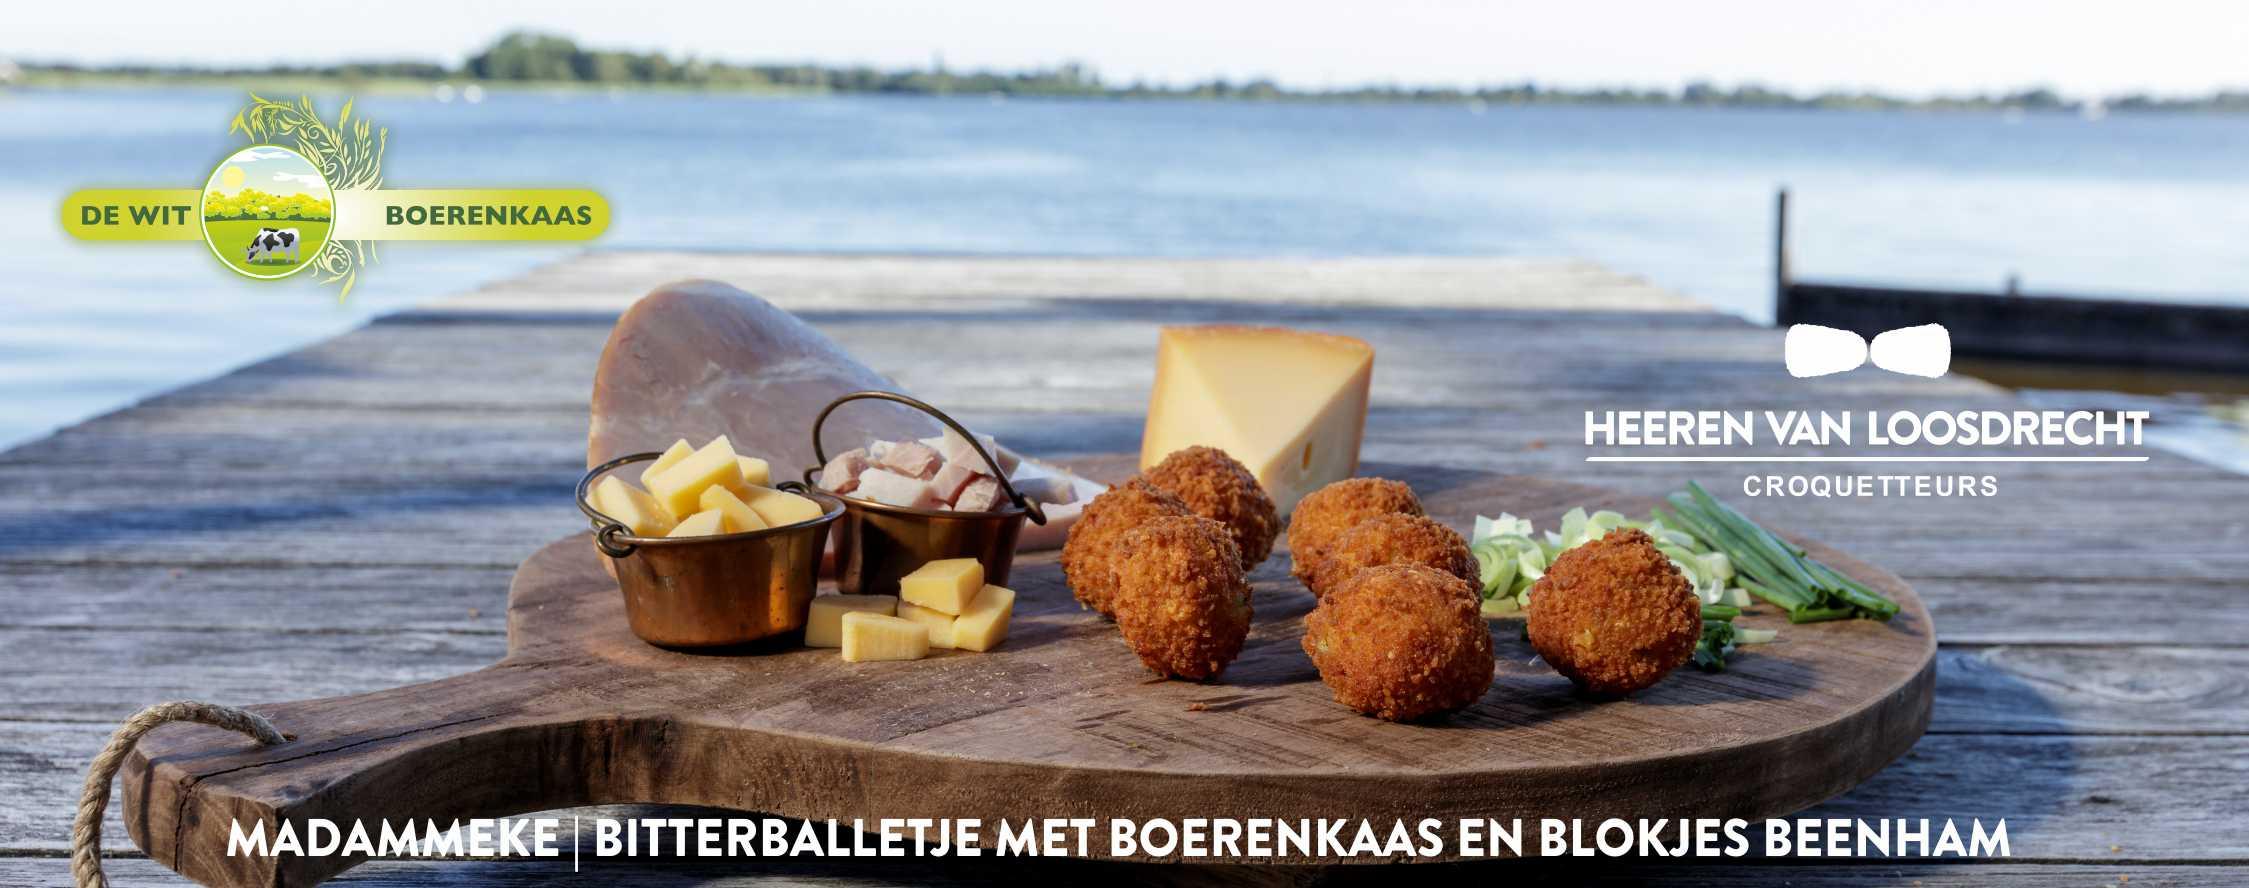 Heeren van Loosdrecht - Madammeke - Slider 2250px